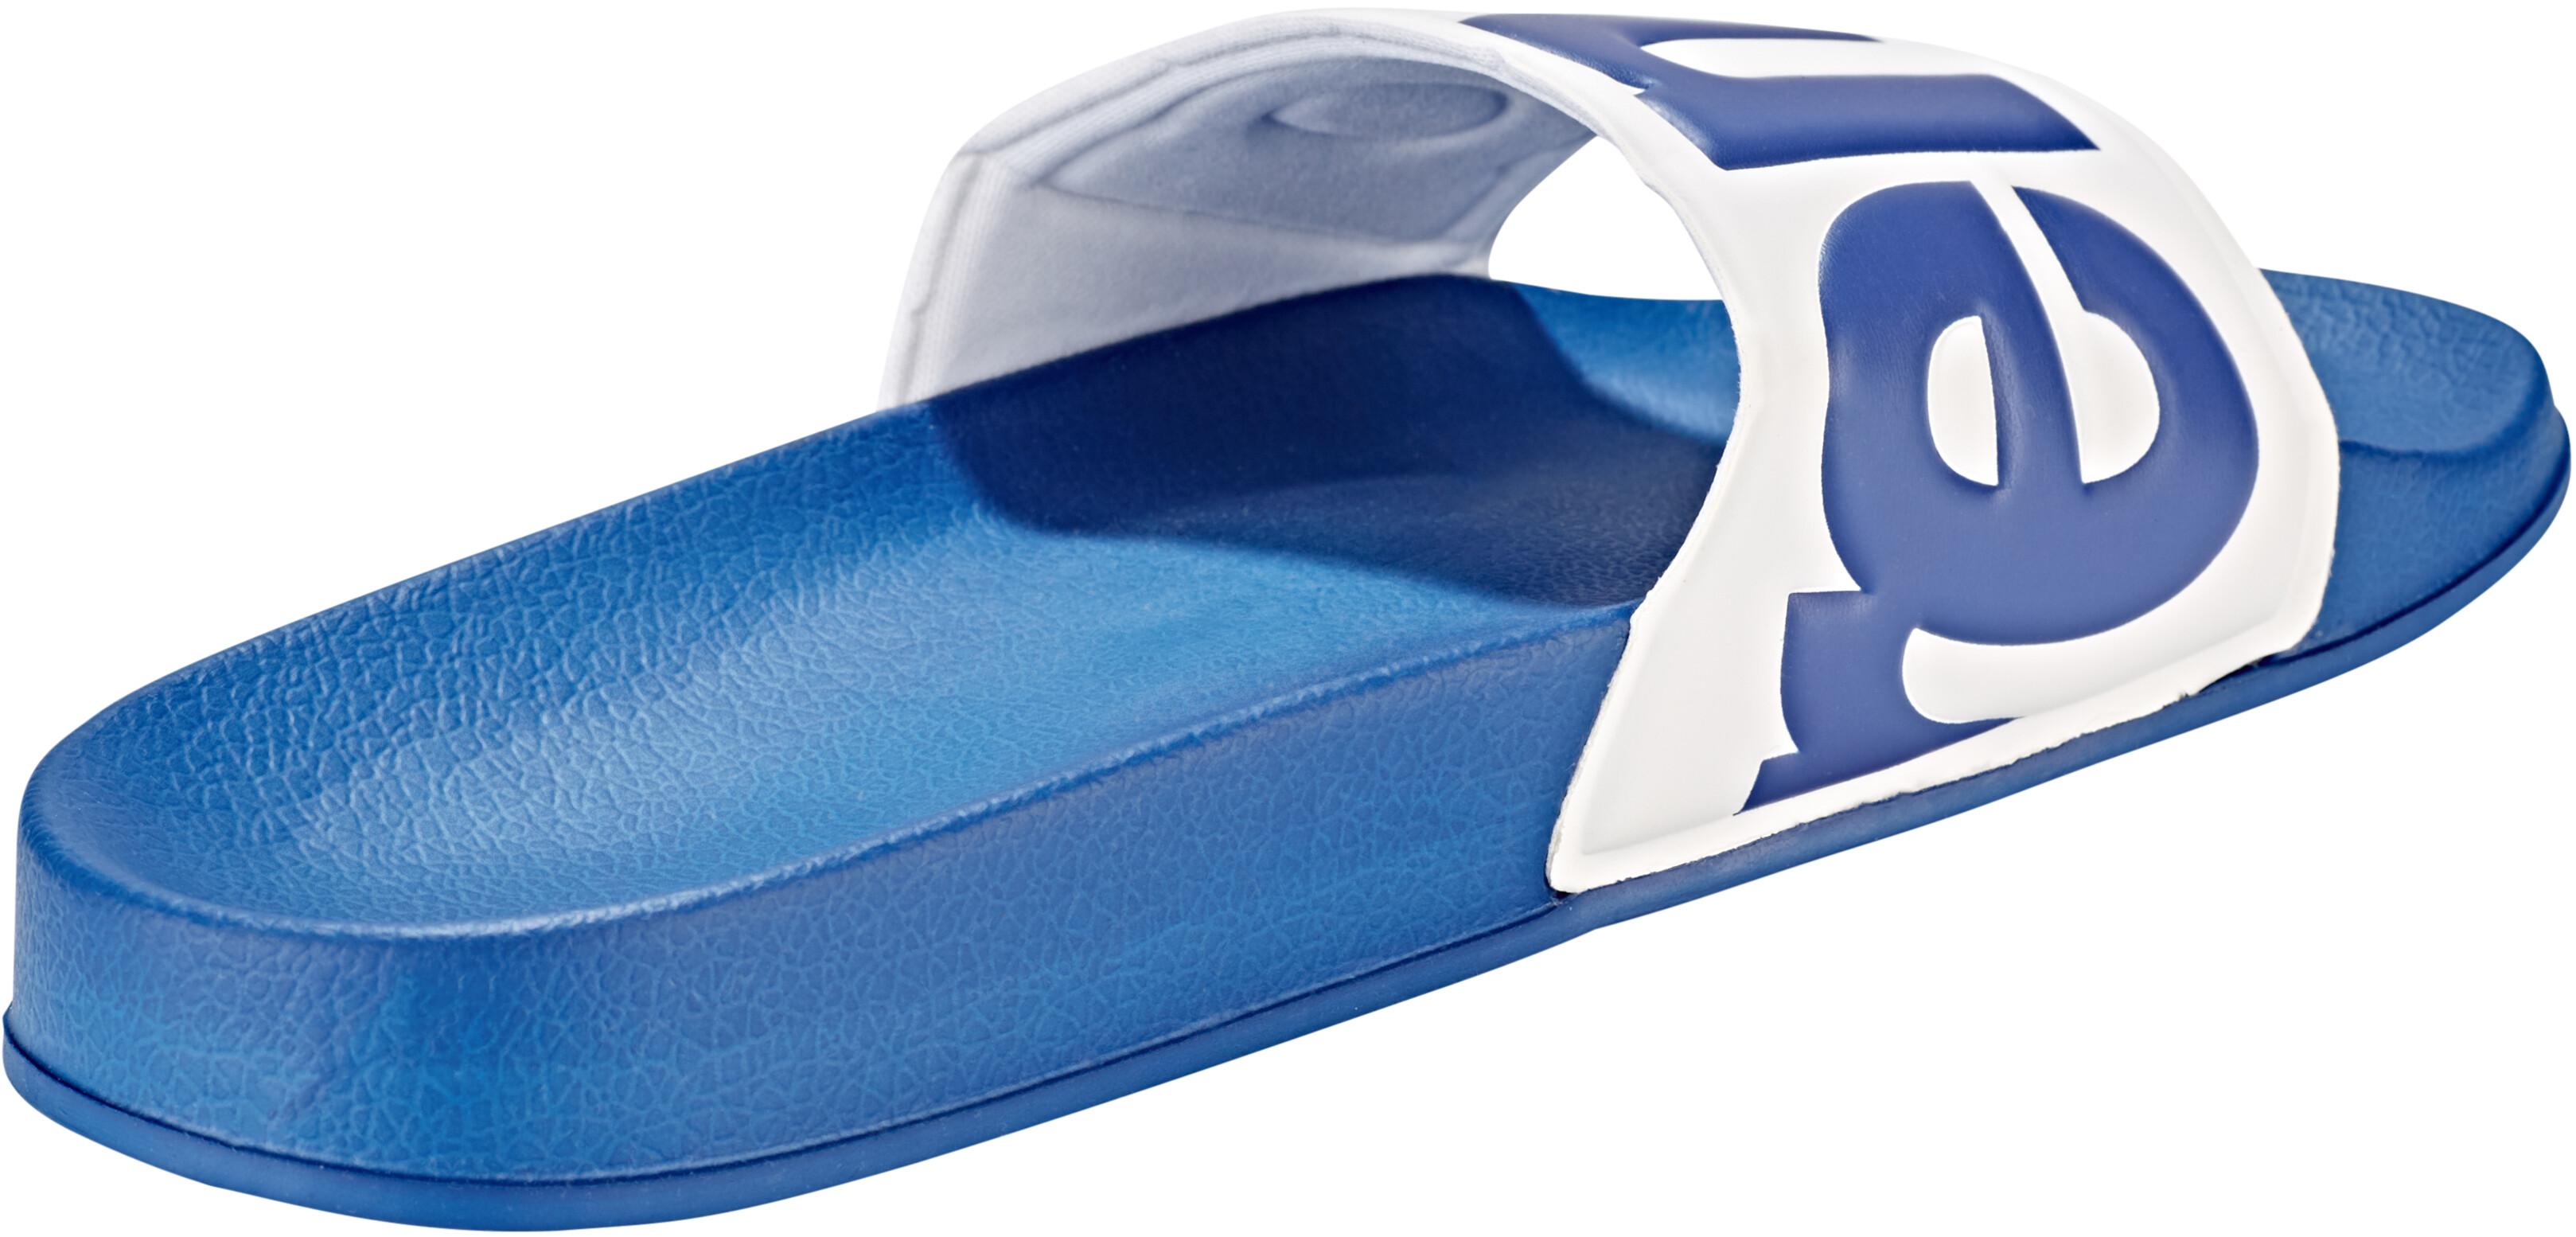 f8a0968623dd arena Urban Slide Ad Scarpe da mare, blue su Bikester